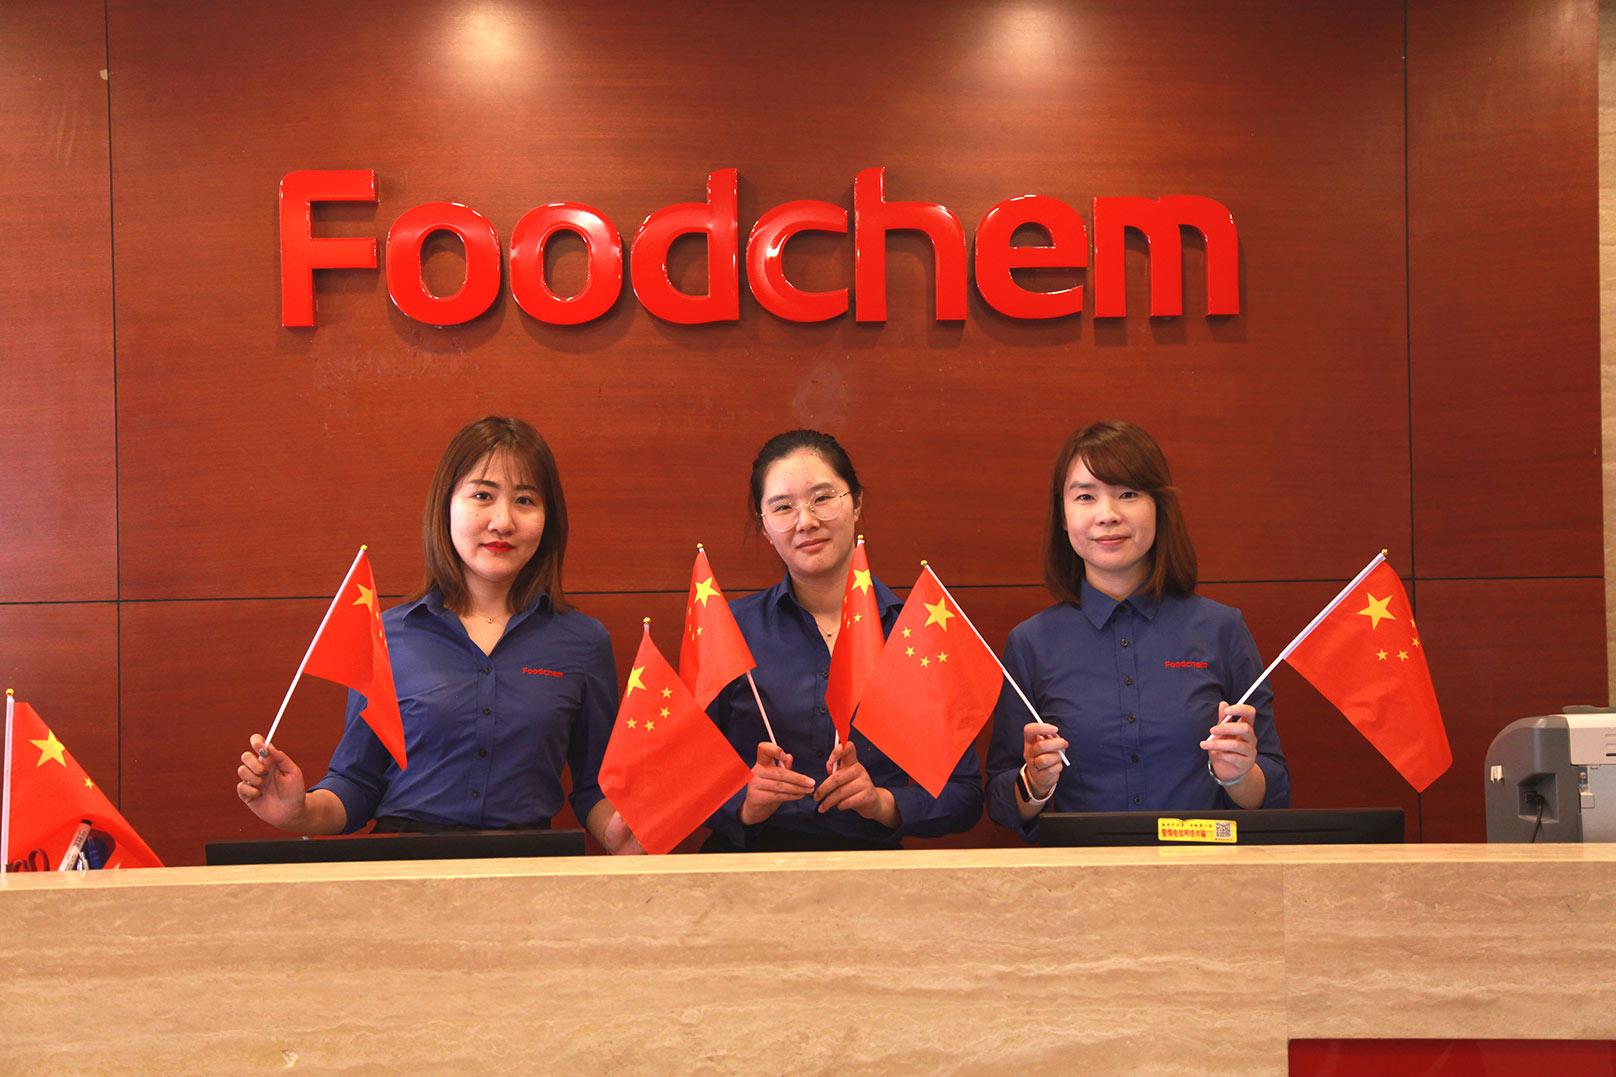 www.foodchem.com